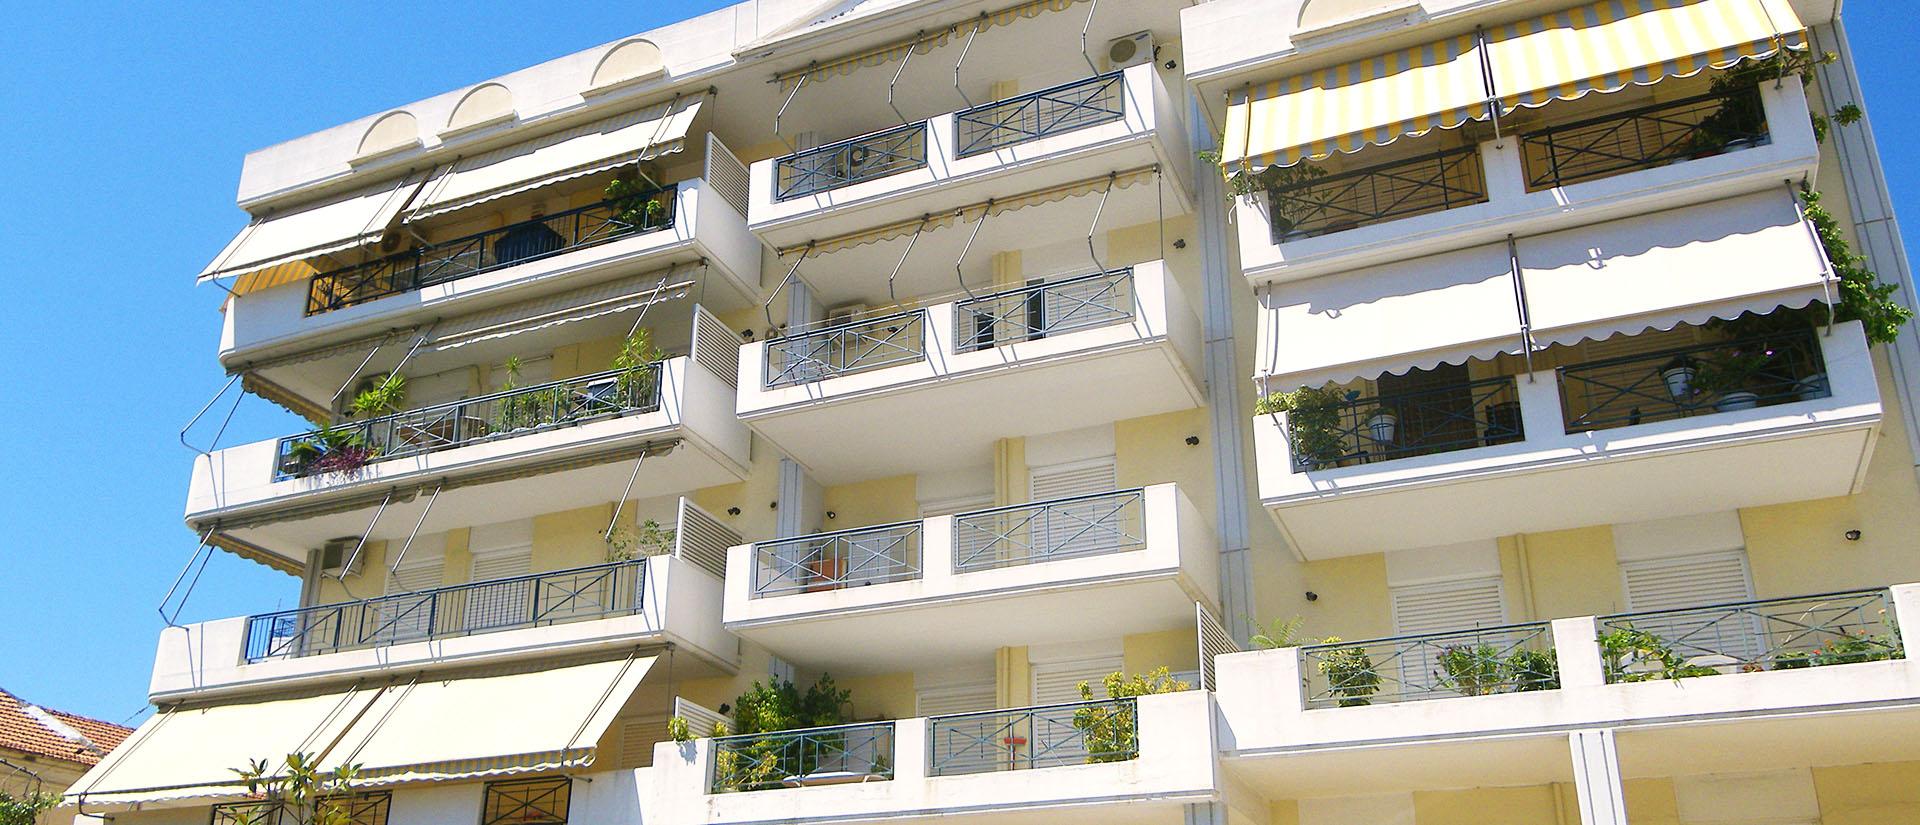 Γενικοί Καθαρισμοί Κτιρίων